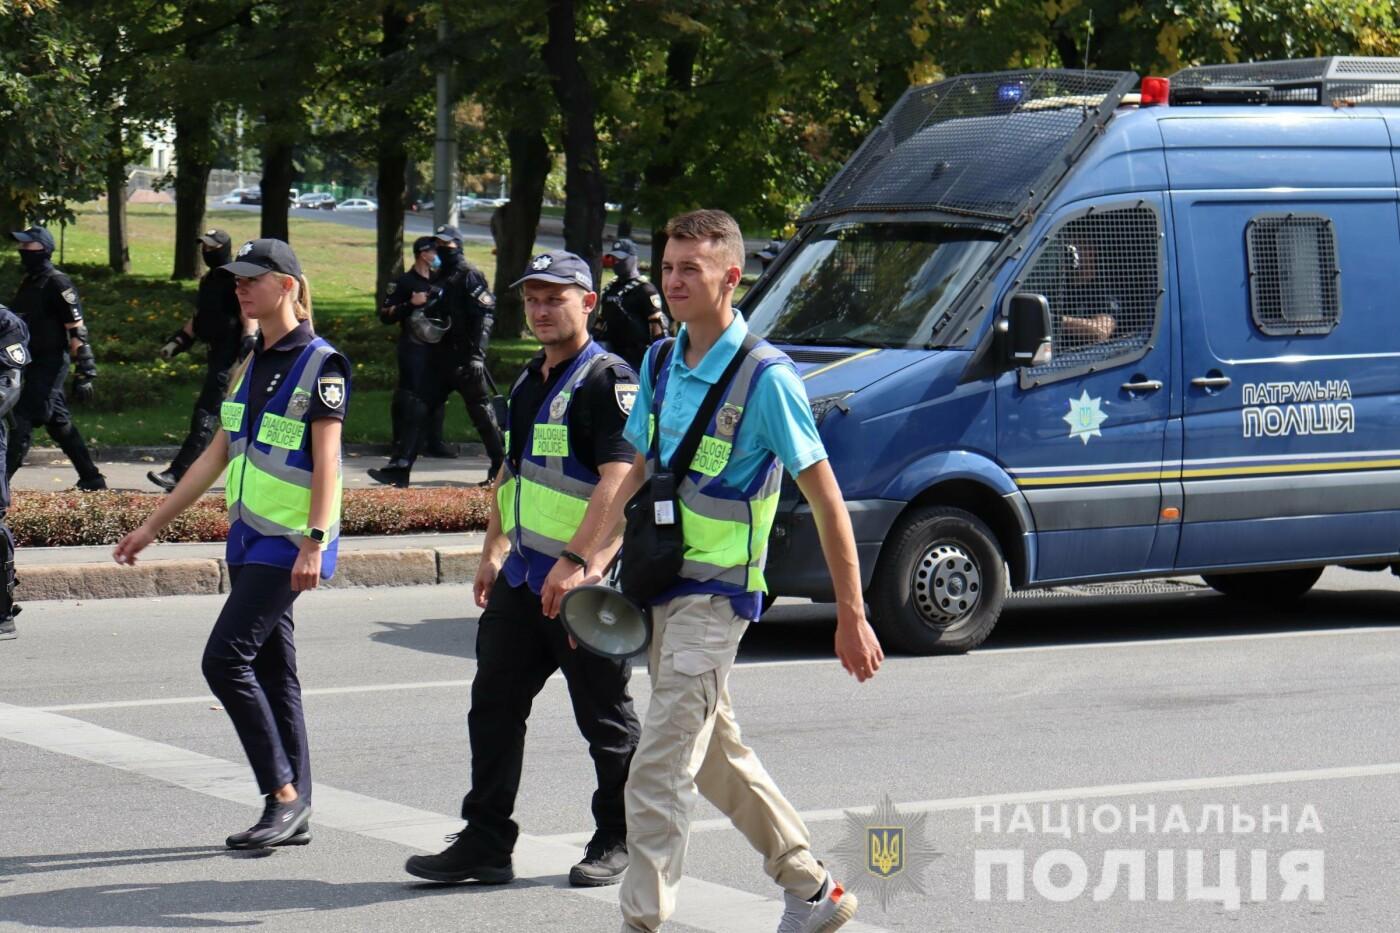 ЛГБТ-марш в центре Харькова: участников события охраняли более 1,2 тысячи силовиков с 40 единицами спецтехники, - ФОТО, фото-8